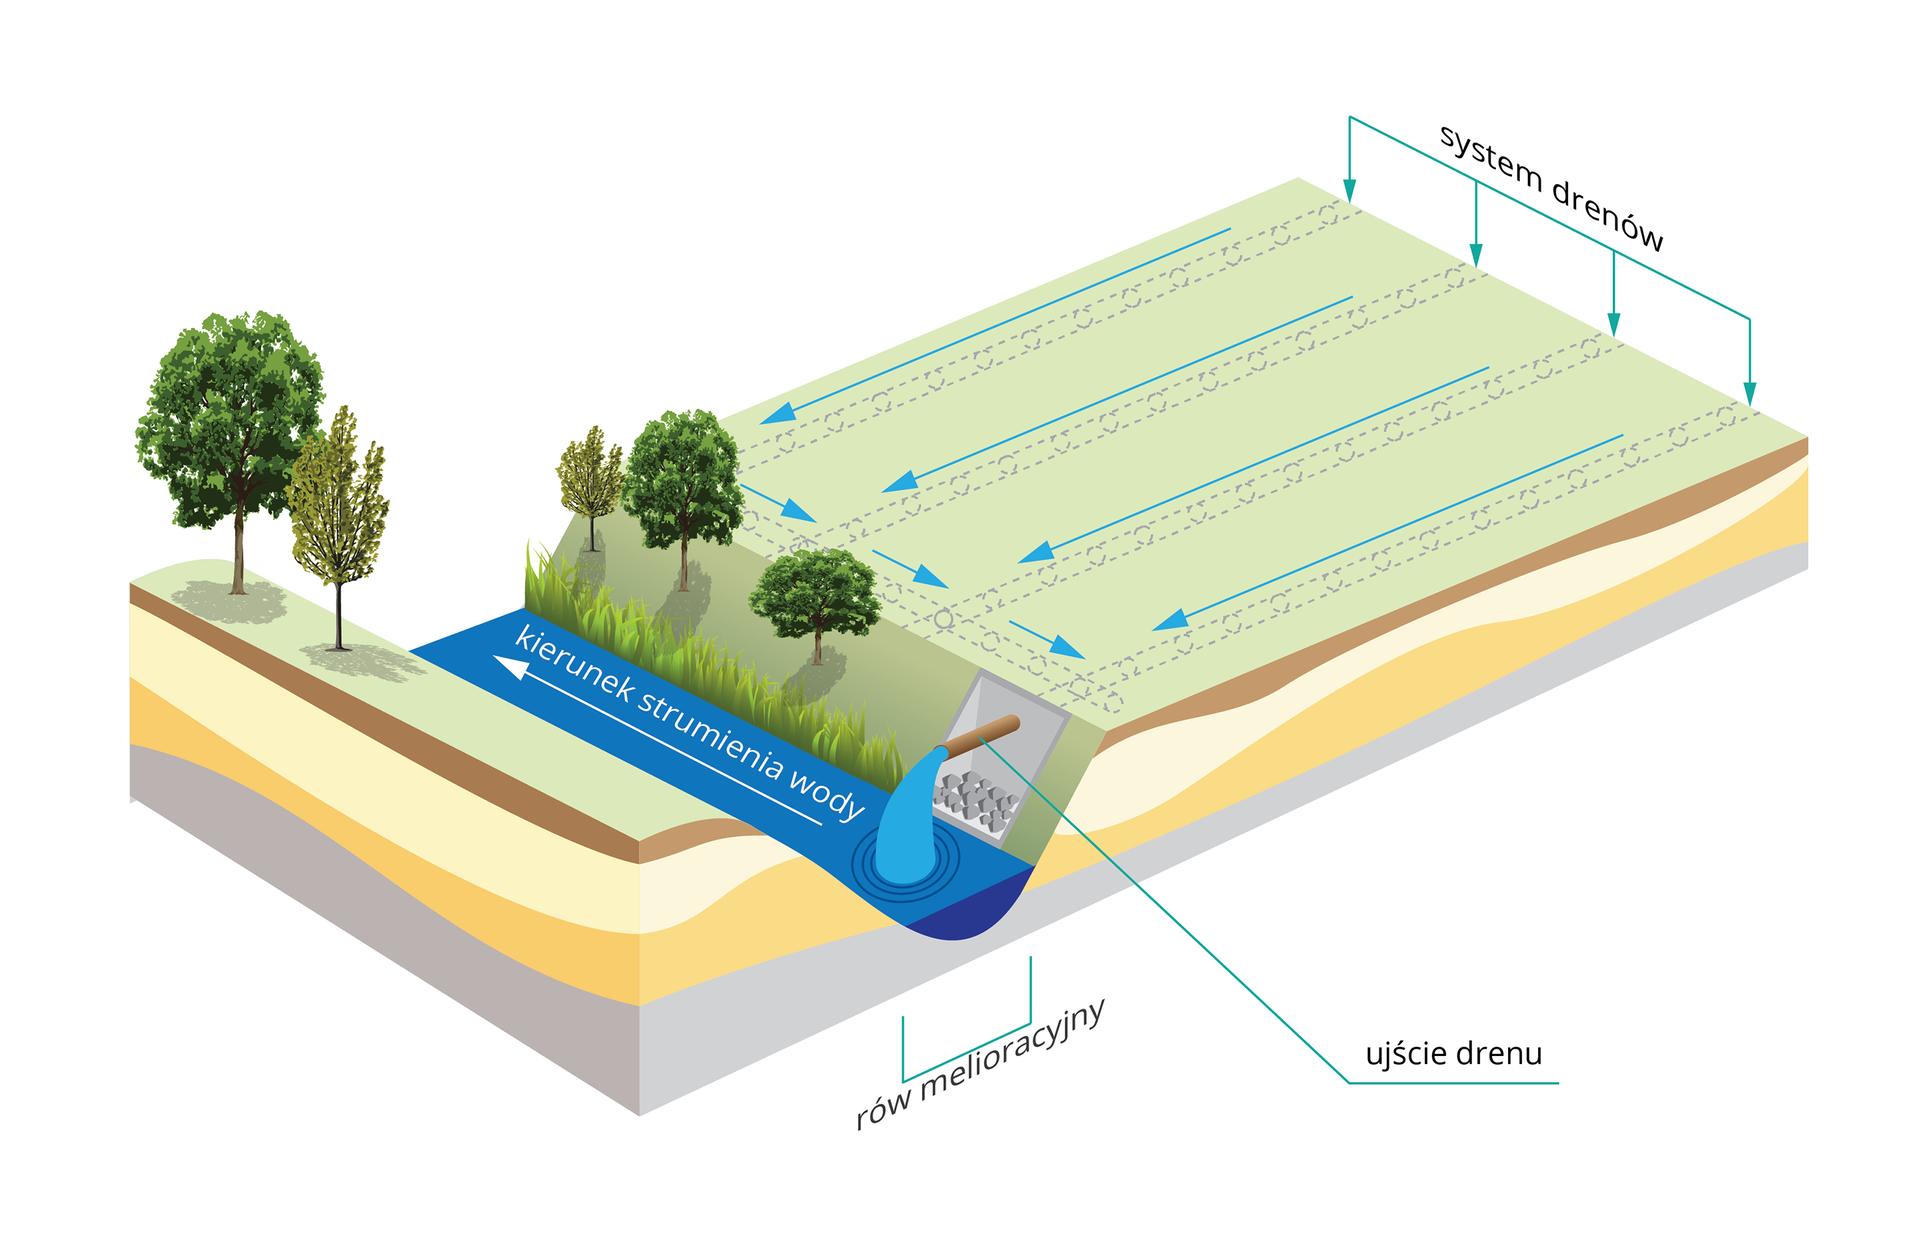 Ilustracja przedstawia przekrój przestrzenny przez teren rolniczy. Zprawej na szarej płaszczyźnie pola niebieskimi strzałkami oznaczono spływ wody wsystemie drenów wziemi. Woda spływa nimi do ujścia, czyli brązowej rury, która odprowadza ją do rowu melioracyjnego. Wnim na niebieskim tle biała strzałka wskazuje kierunek strumienia wody. Przy rowie ukazano kilka drzewek jasno iciemno zielonych.